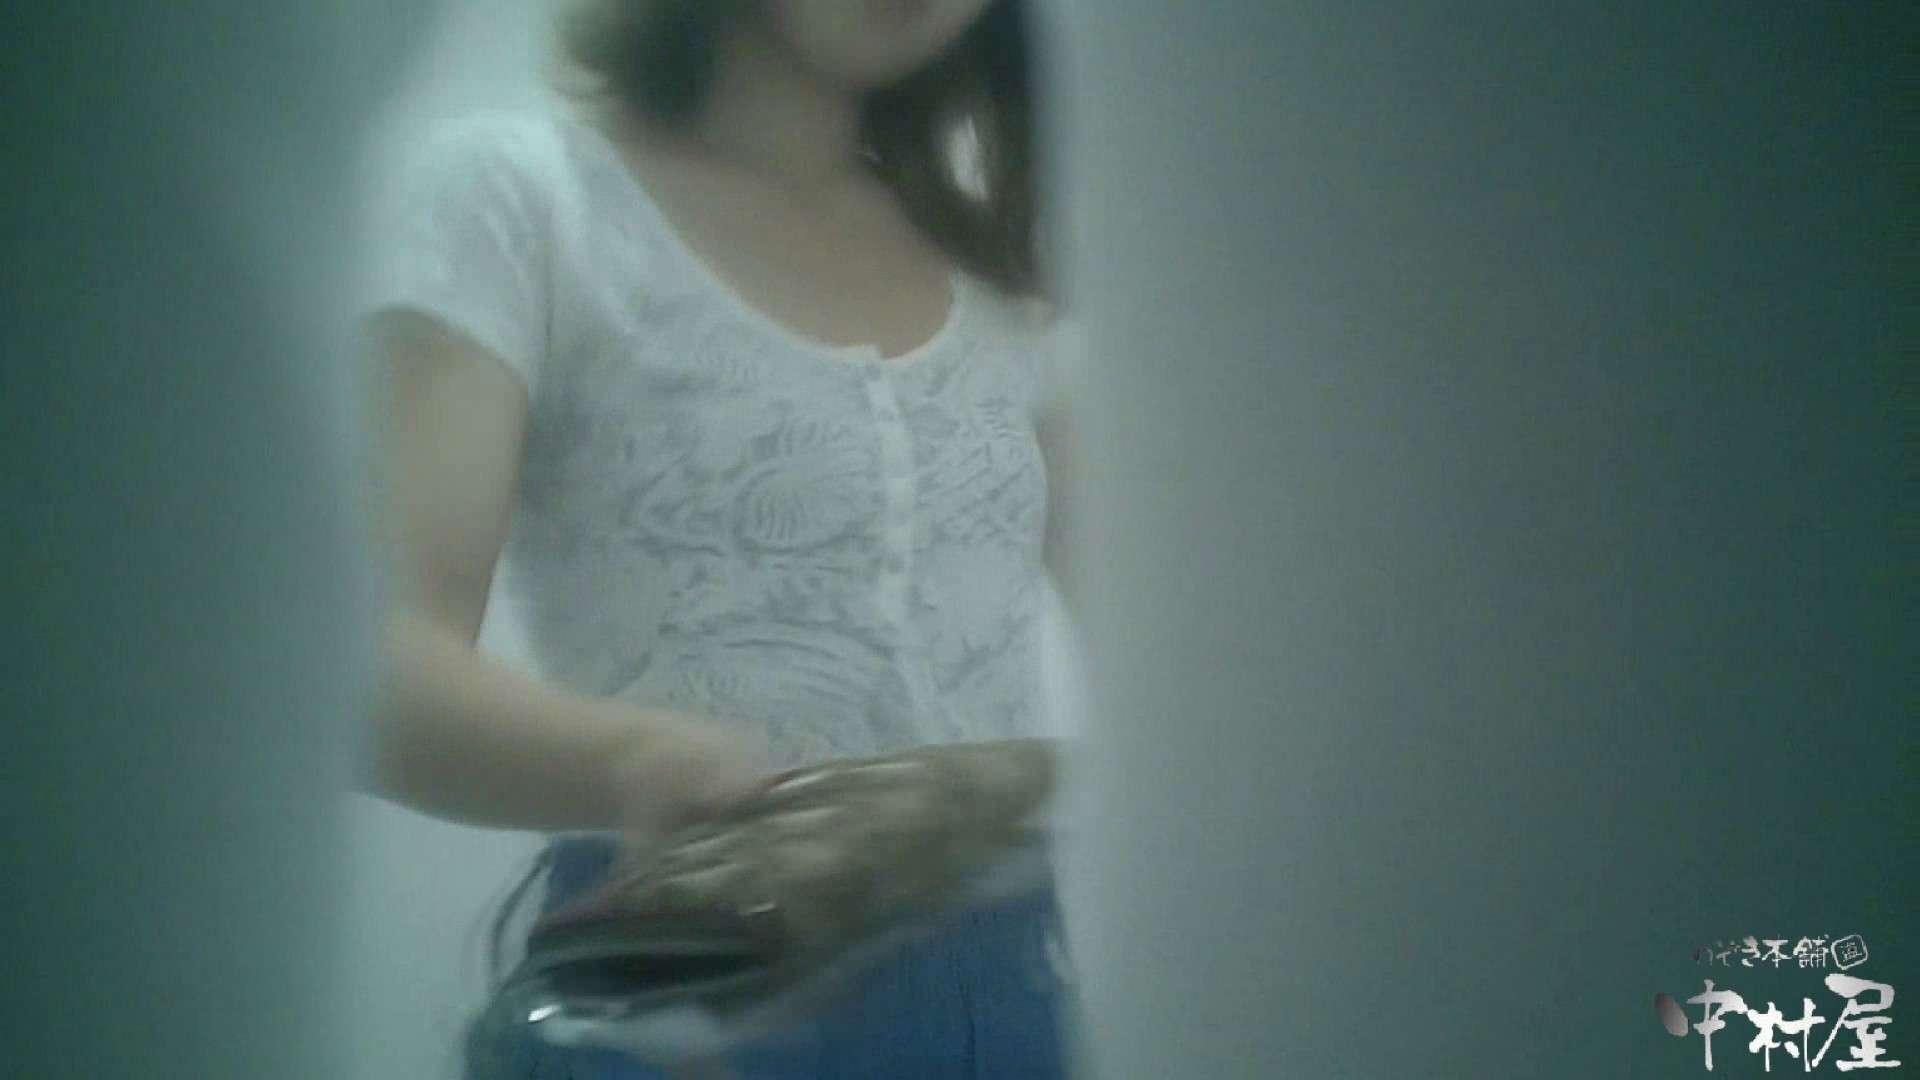 【某有名大学女性洗面所】有名大学女性洗面所 vol.43 いつみても神秘的な世界です。 0  105pic 88